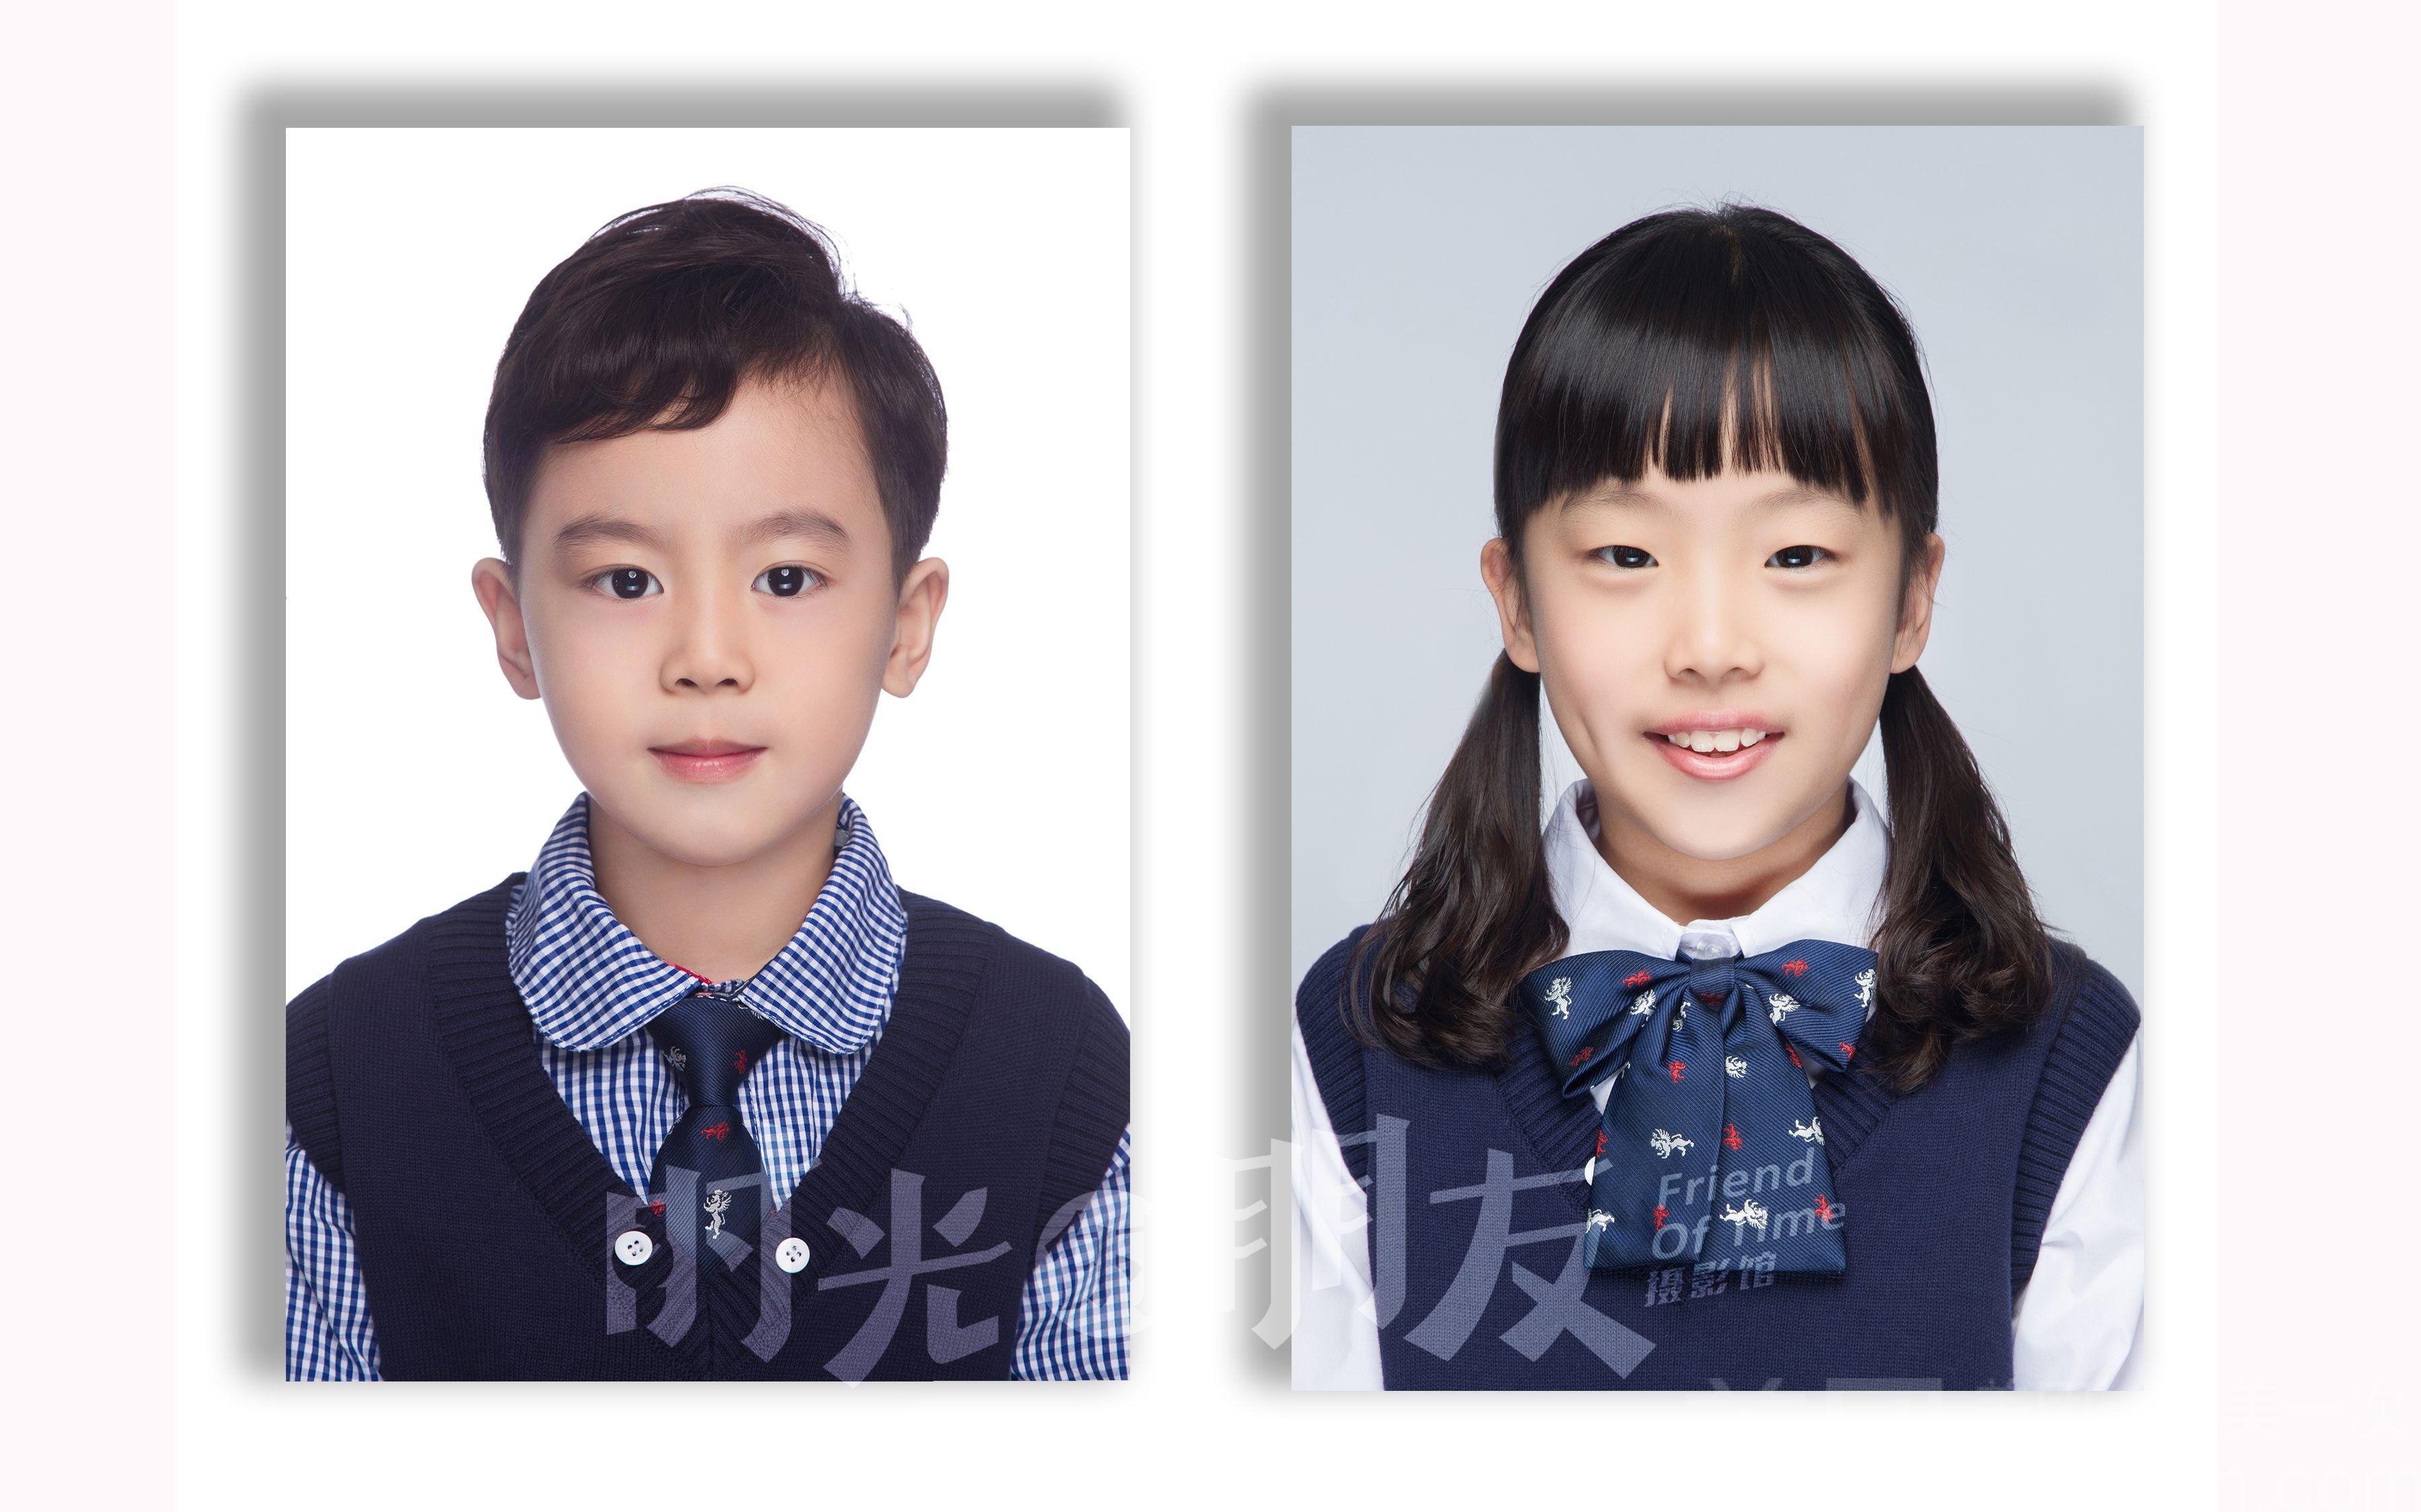 【时光的朋友摄影馆】儿童精致证件照/纪念照